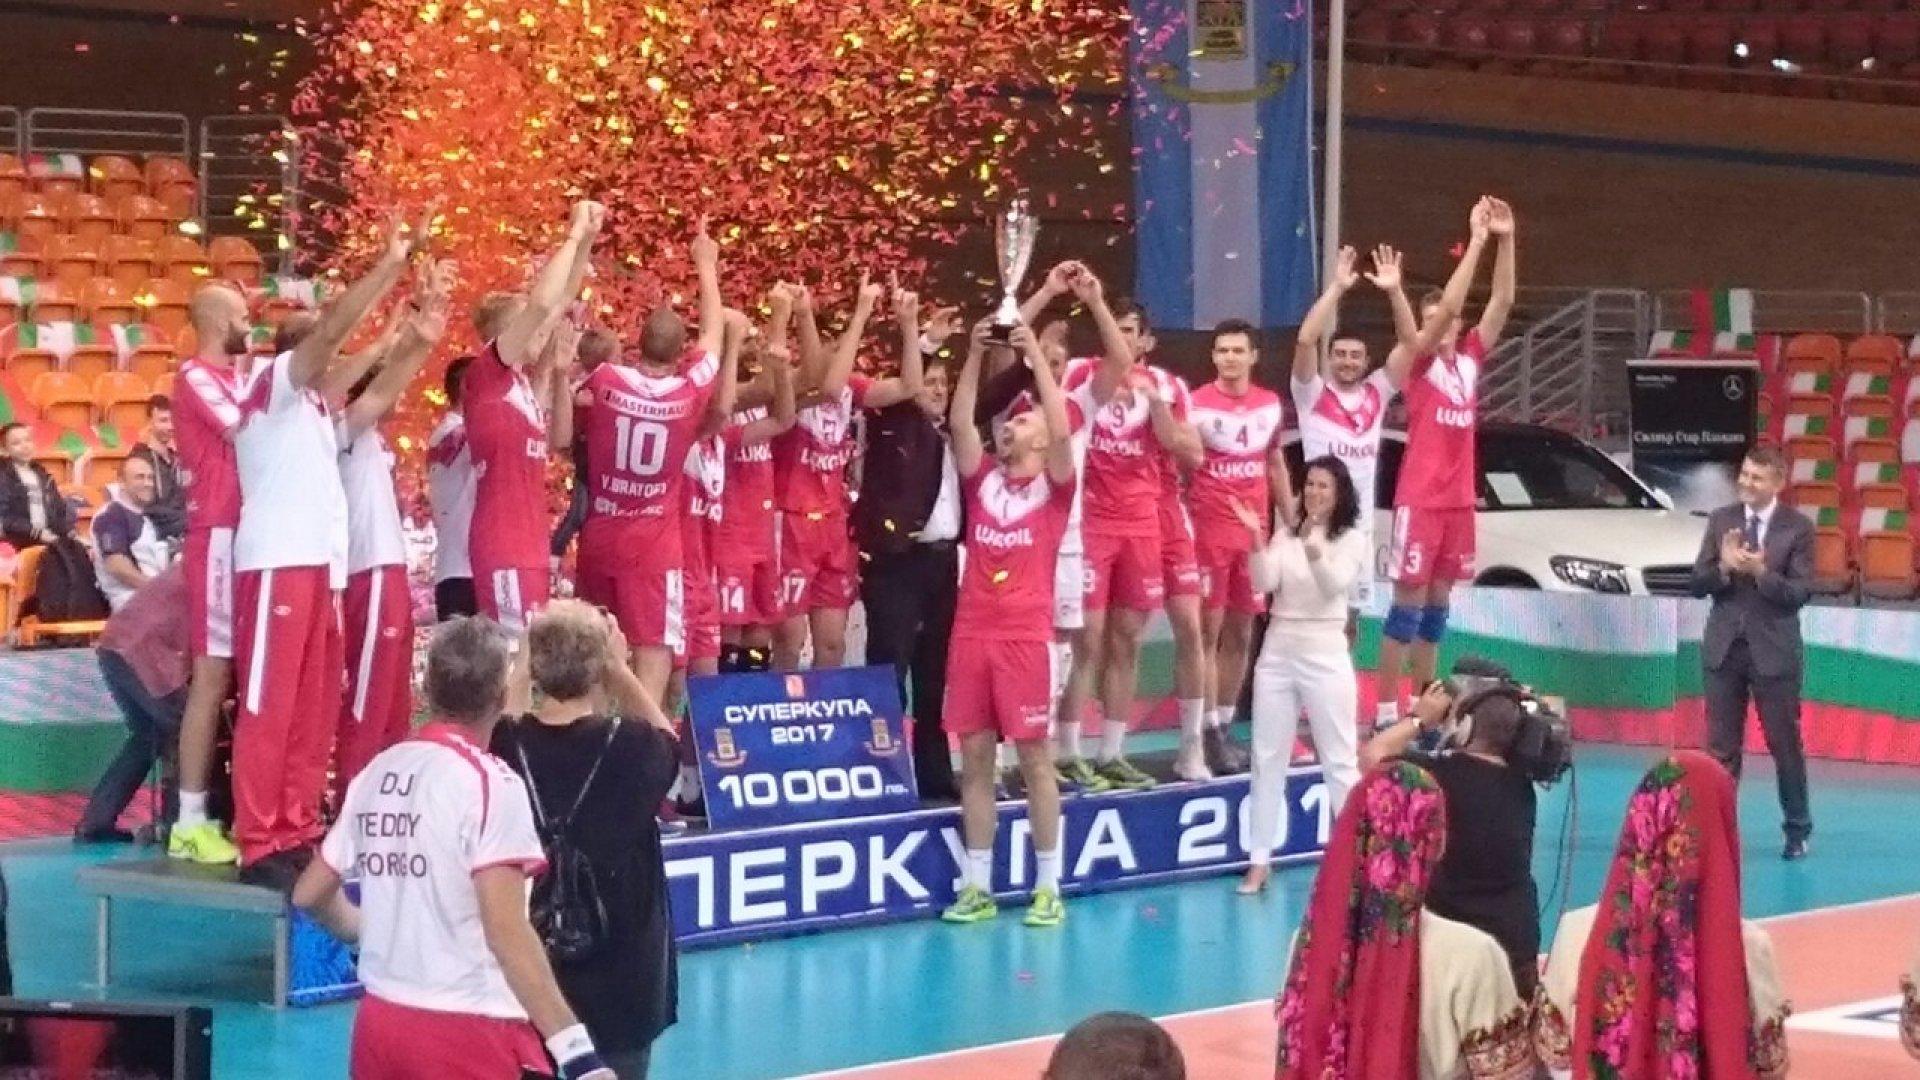 Бургаските волейболисти тренират на пълни обороти за новия сезон при домашни условия. Снимка Община Бургас